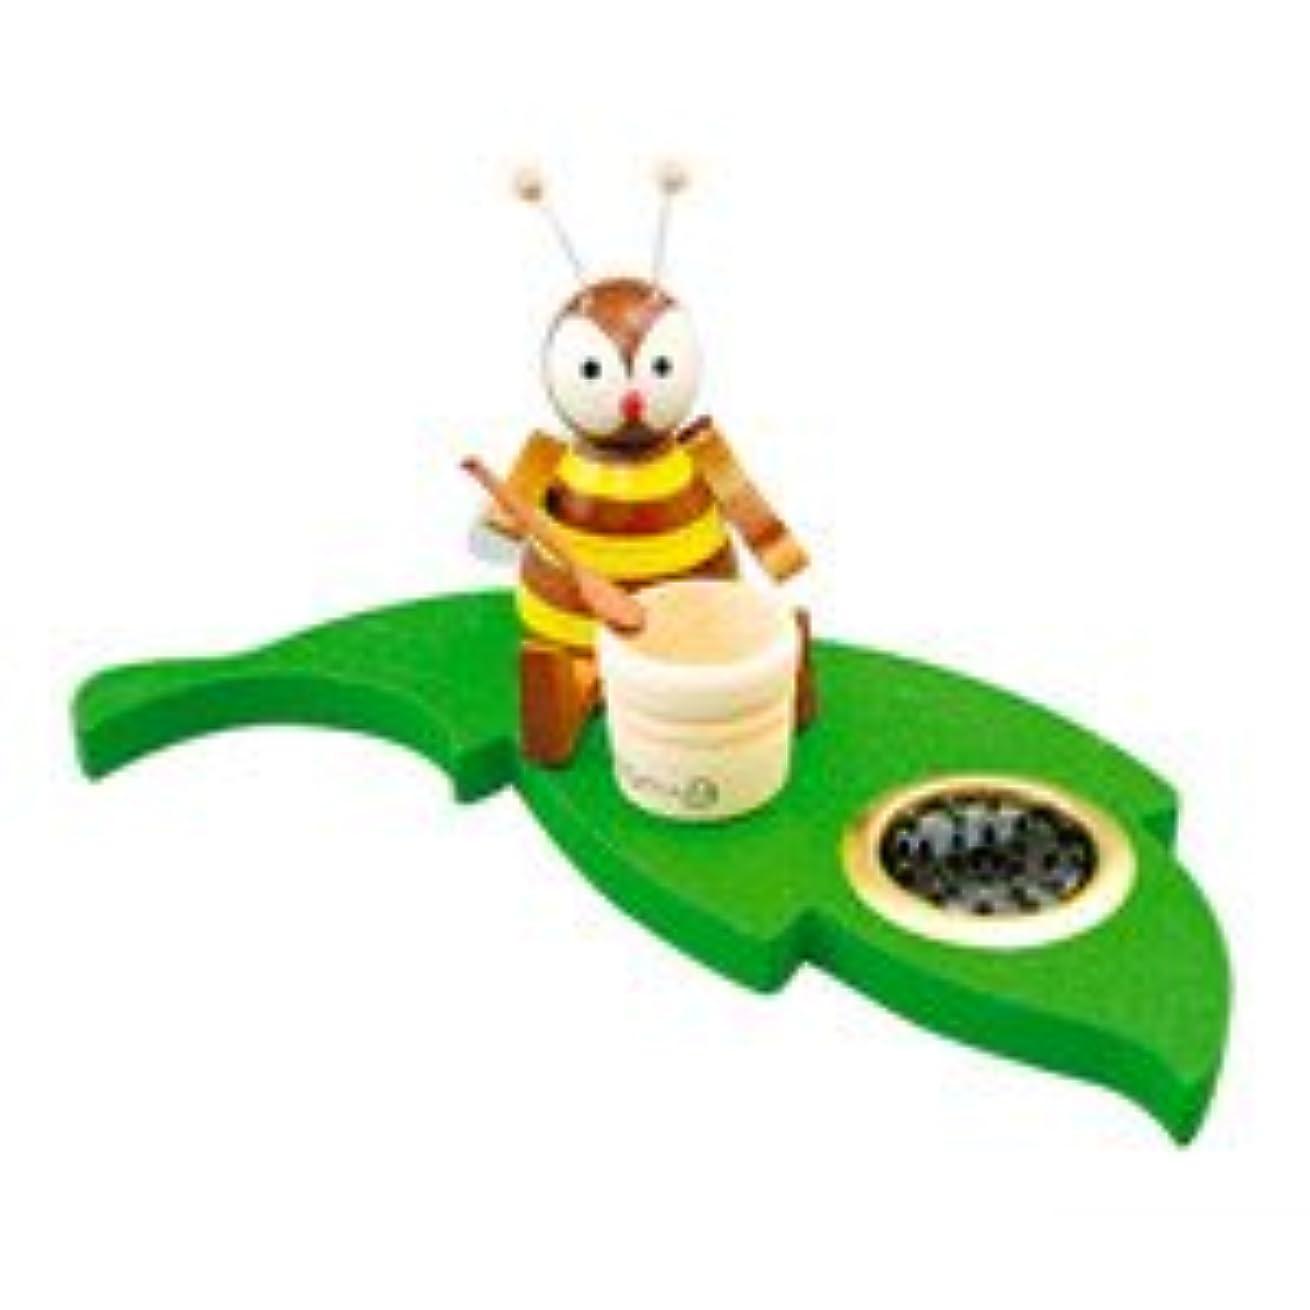 接続否認する提供クーネルト インセンススタンド(香皿) ミツバチ ポット